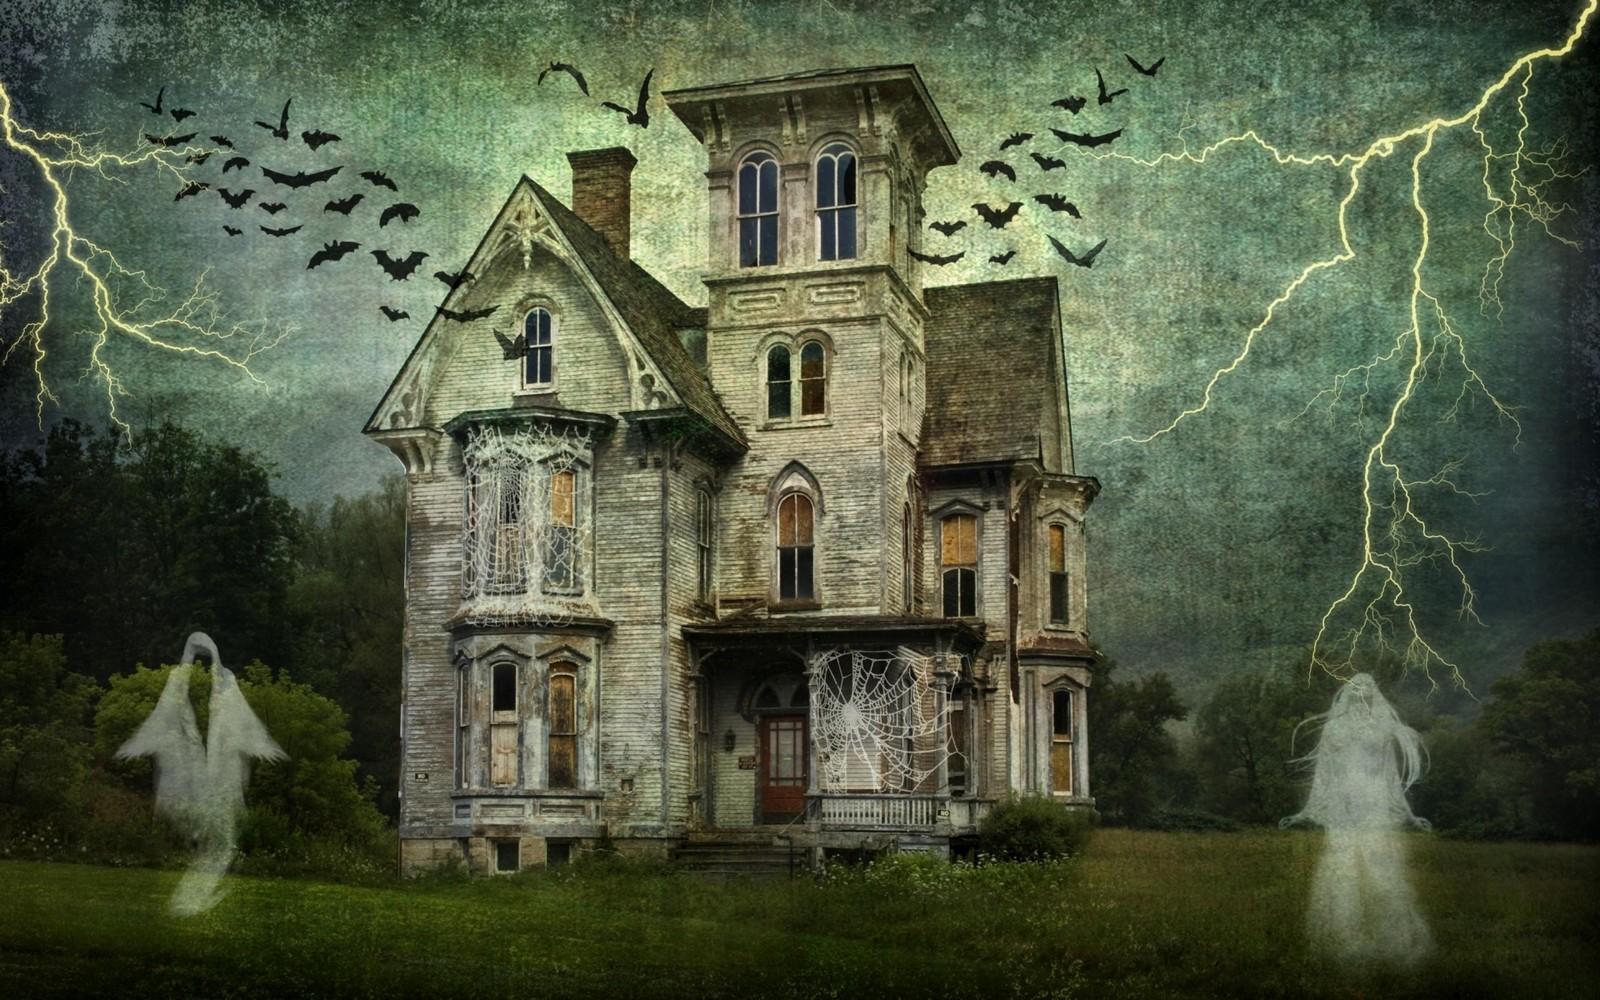 Las almas que quedan Detenidas en la Tierra Después de la Muerte [¿cómo hacer que partan?]